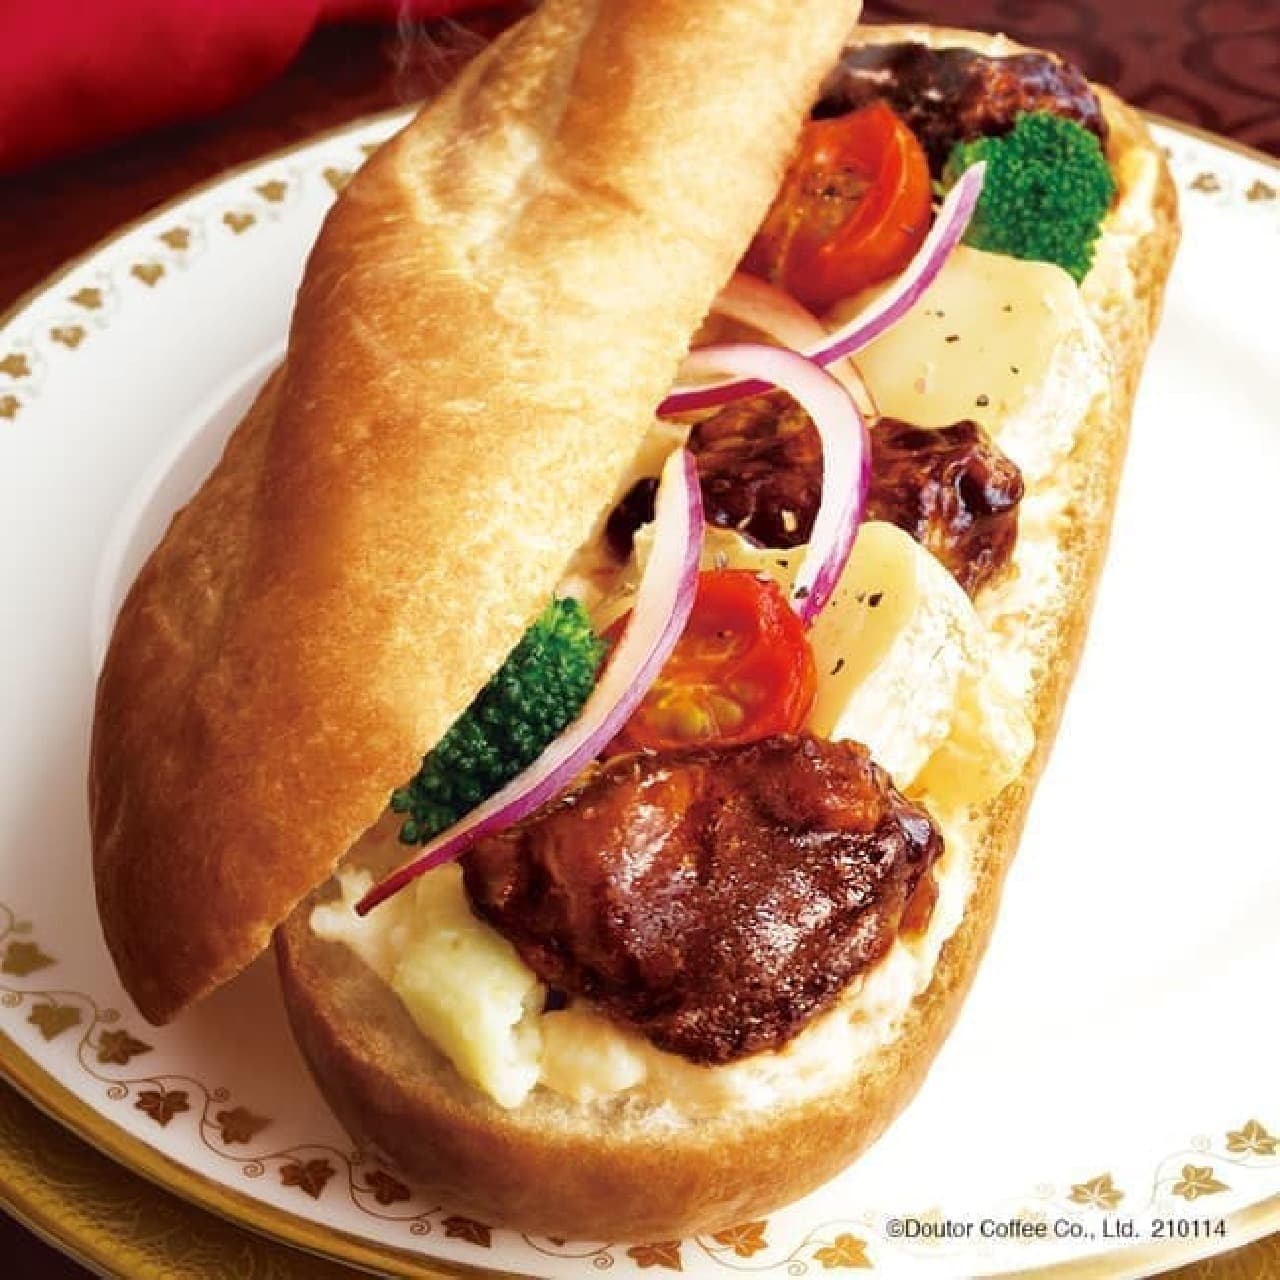 ドトール「ミラノサンド 煮込みビーフとカマンベールチーズ」